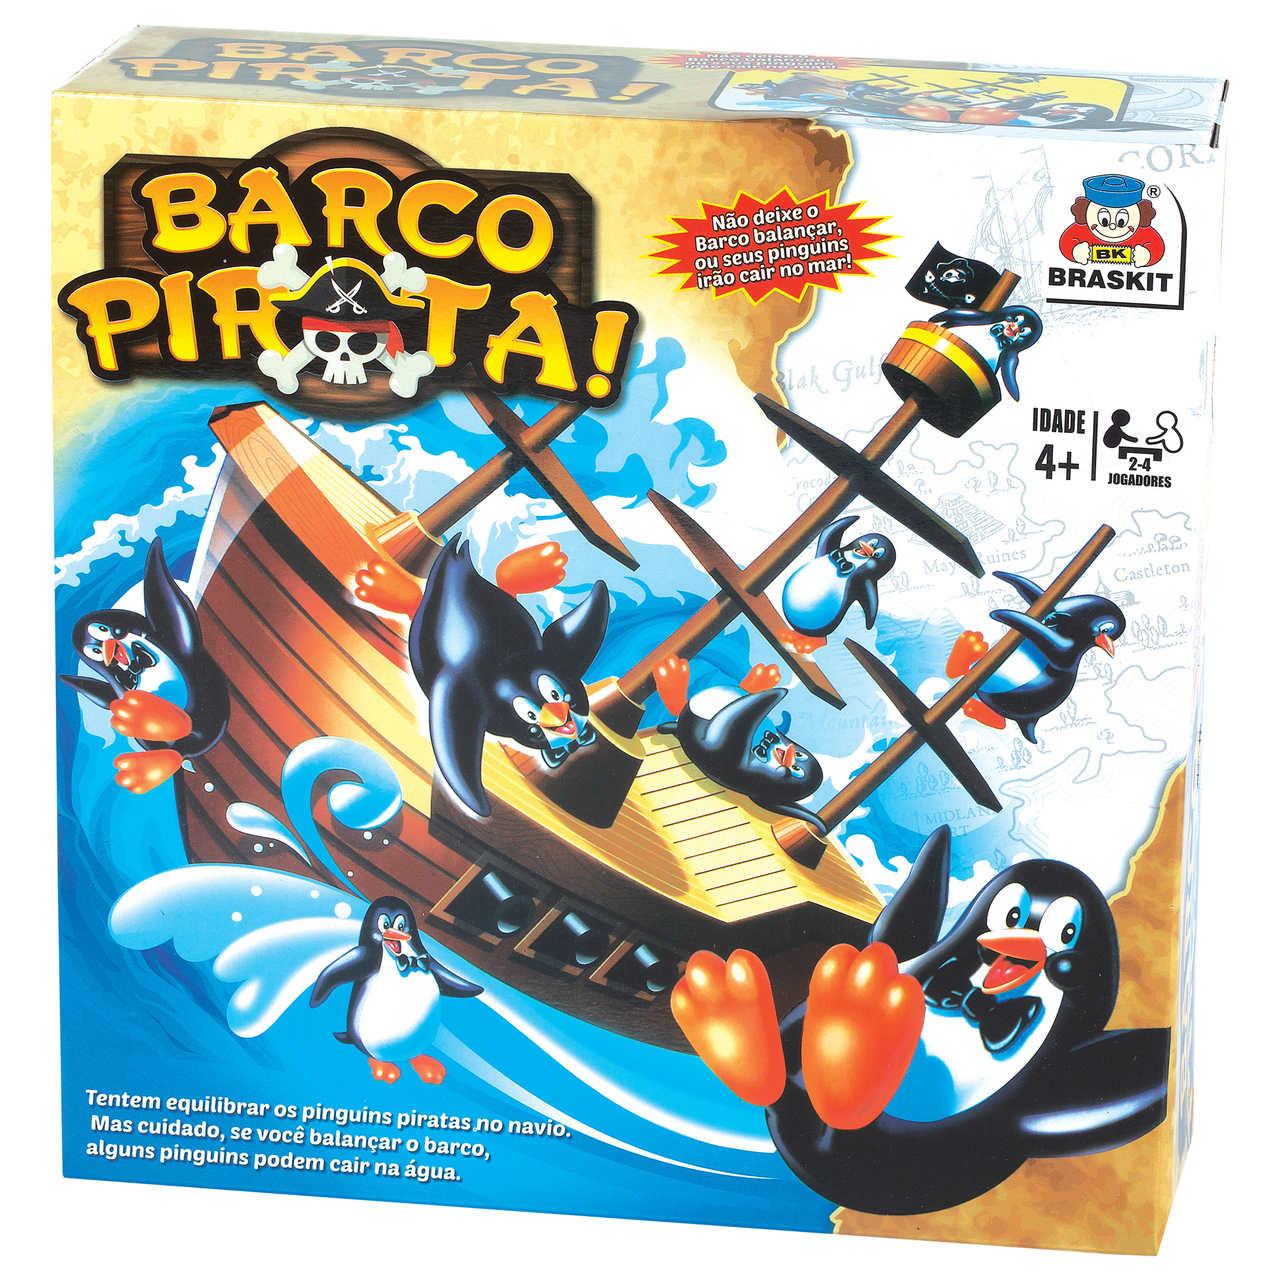 Jogo Barco Pirata 070-5 - Braskit